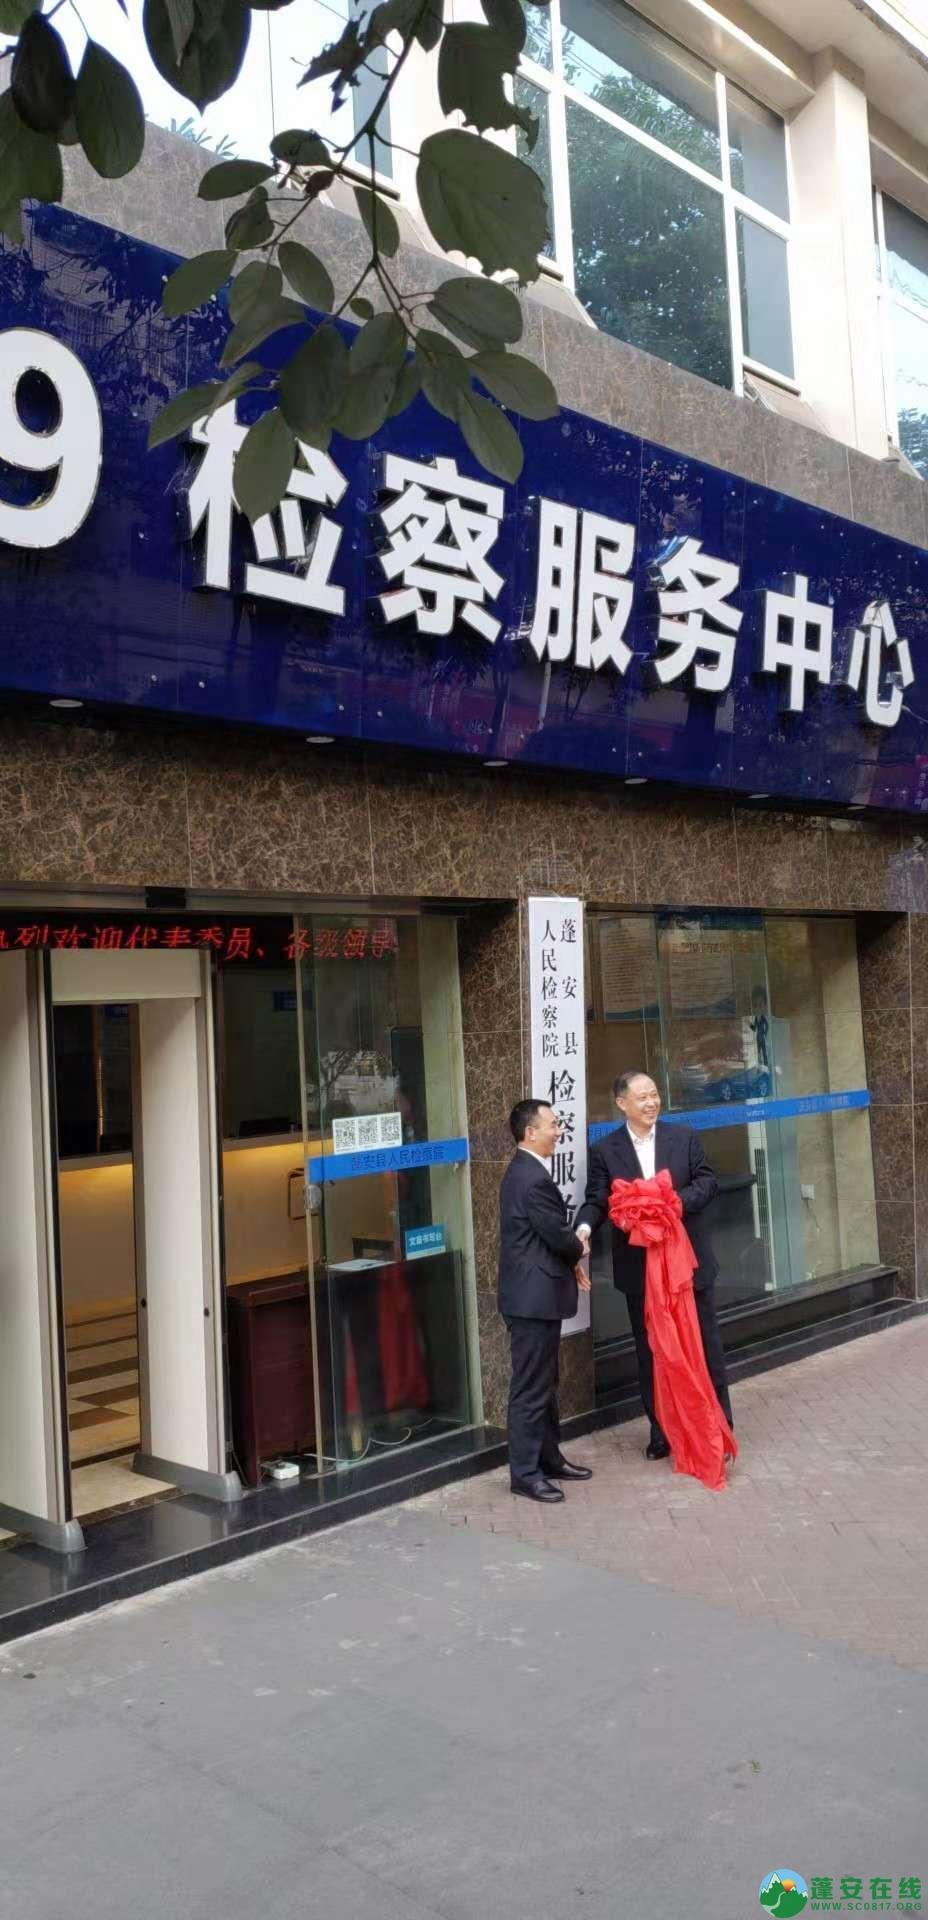 蓬安县人民检察院12309检察服务中心正式宣告挂牌成立 - 第2张  | 蓬安在线